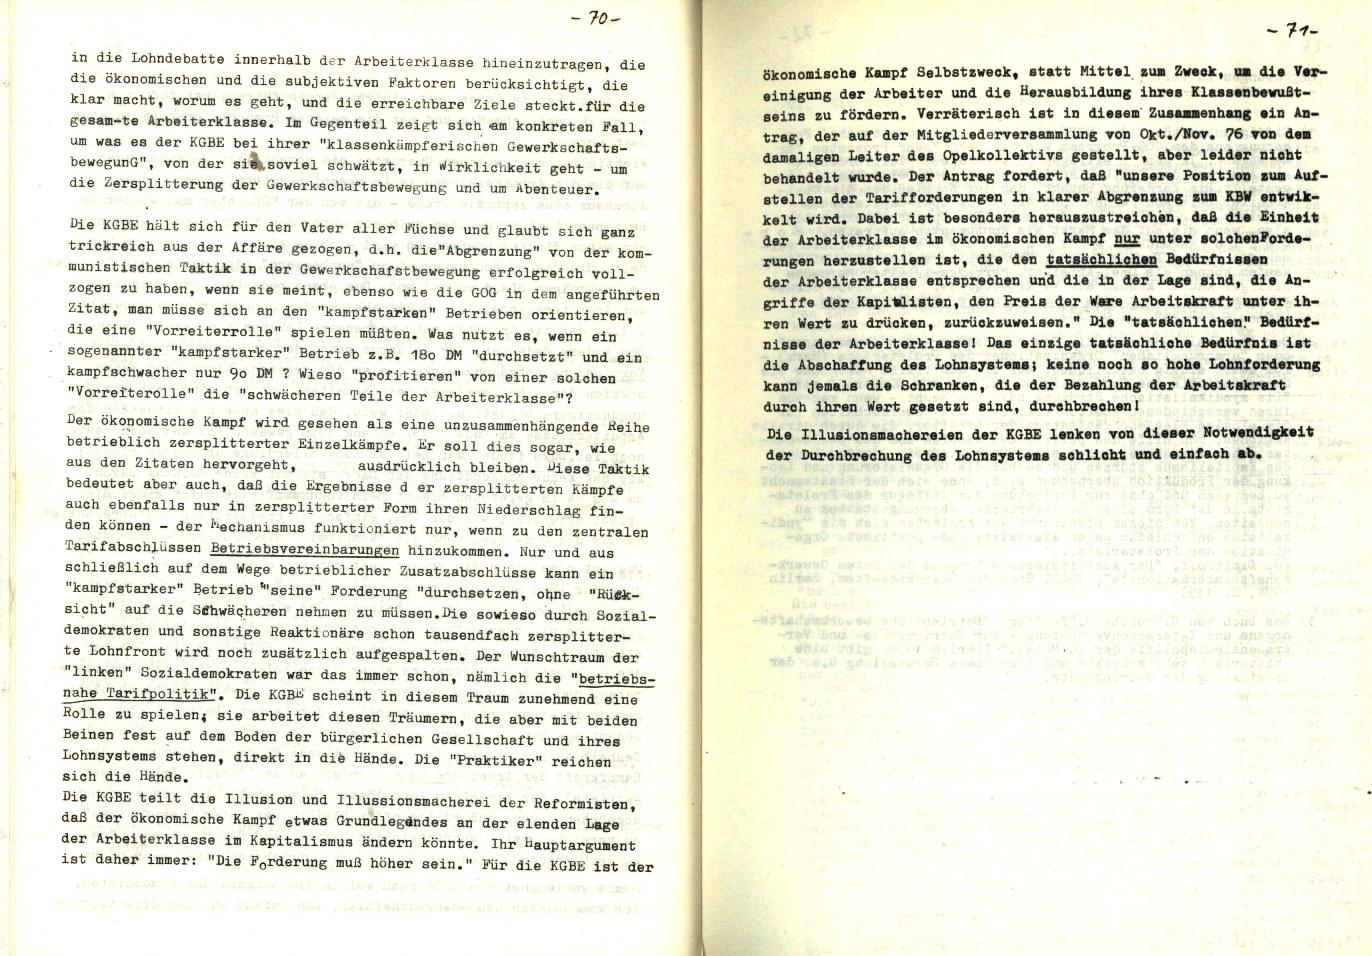 KGBE_Ehemalige_1977_Kritik_an_der_KGBE_39